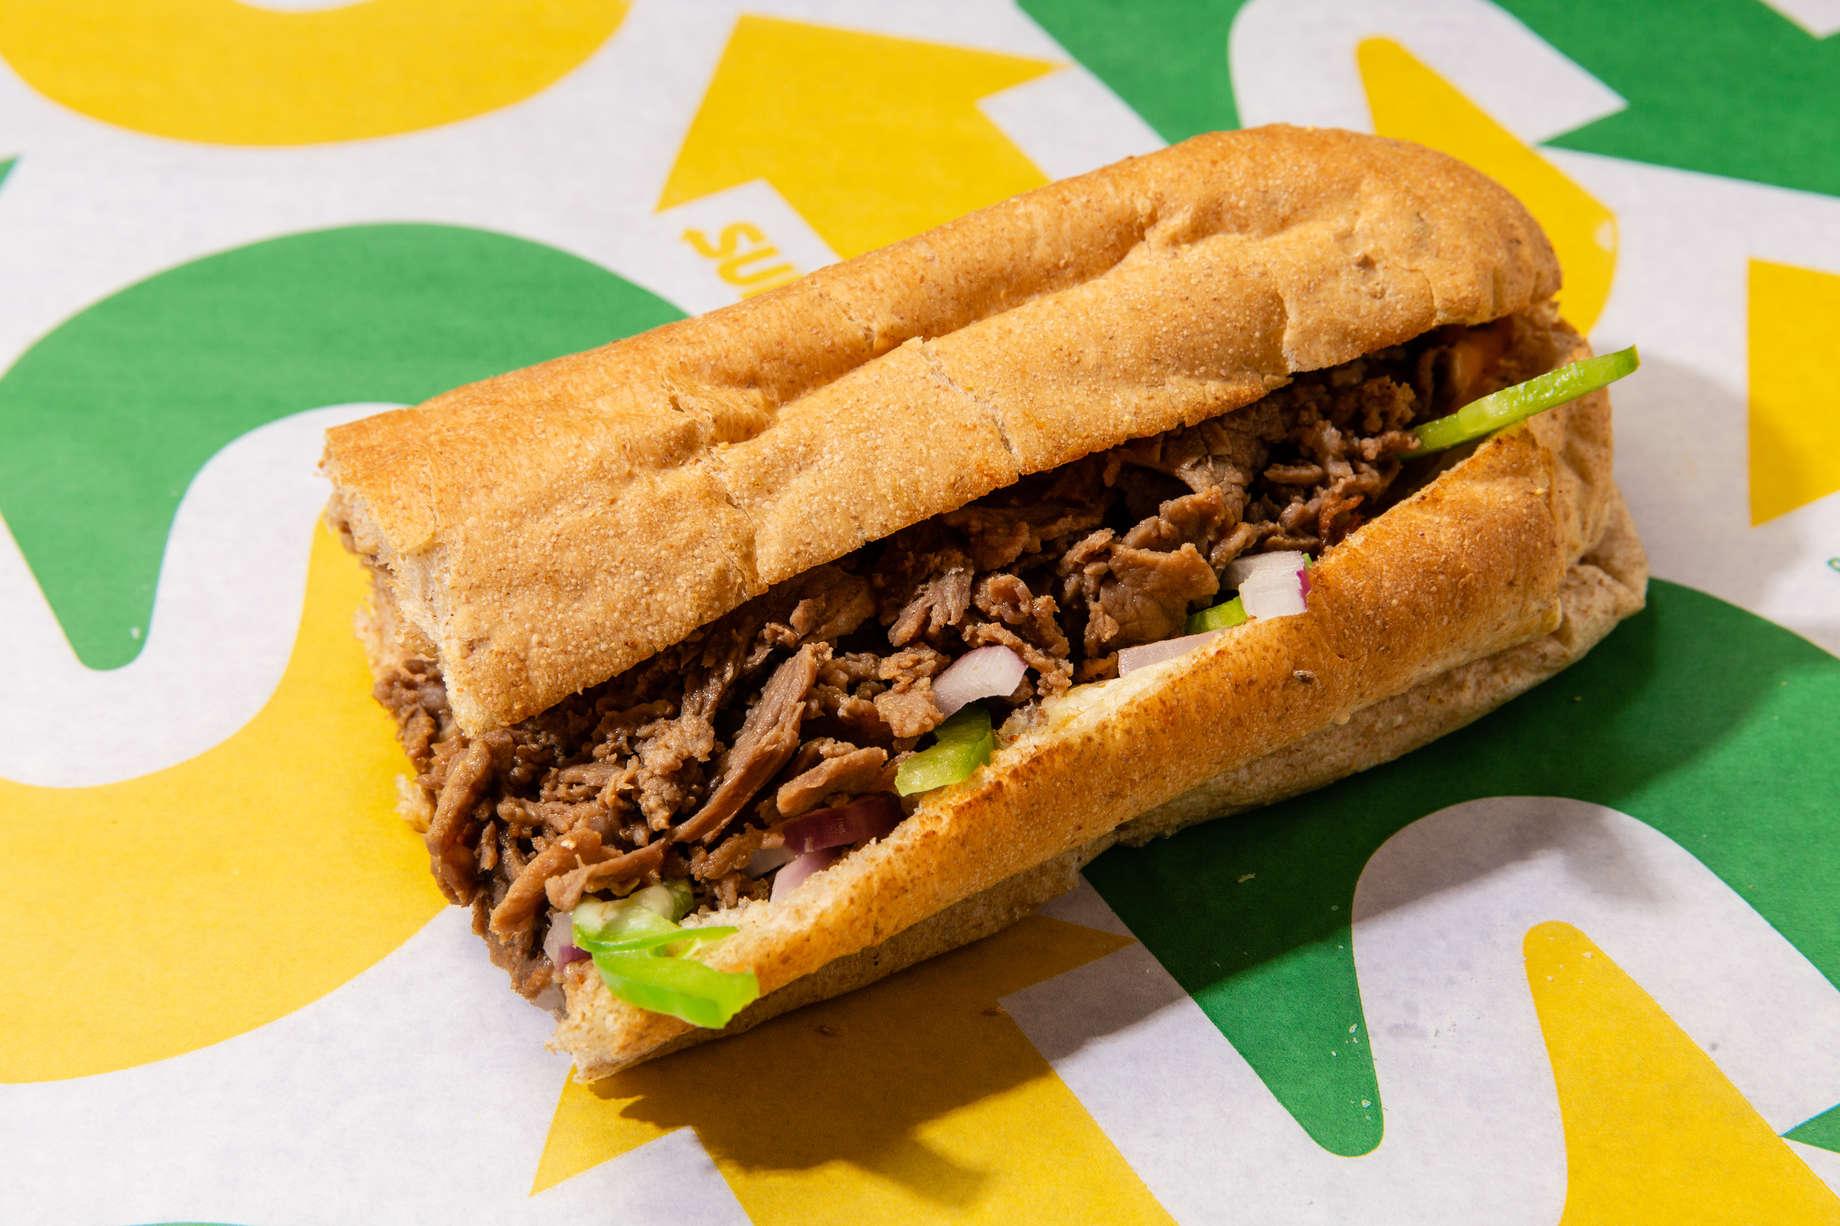 Best Subway Sandwiches: Top Sandwiches